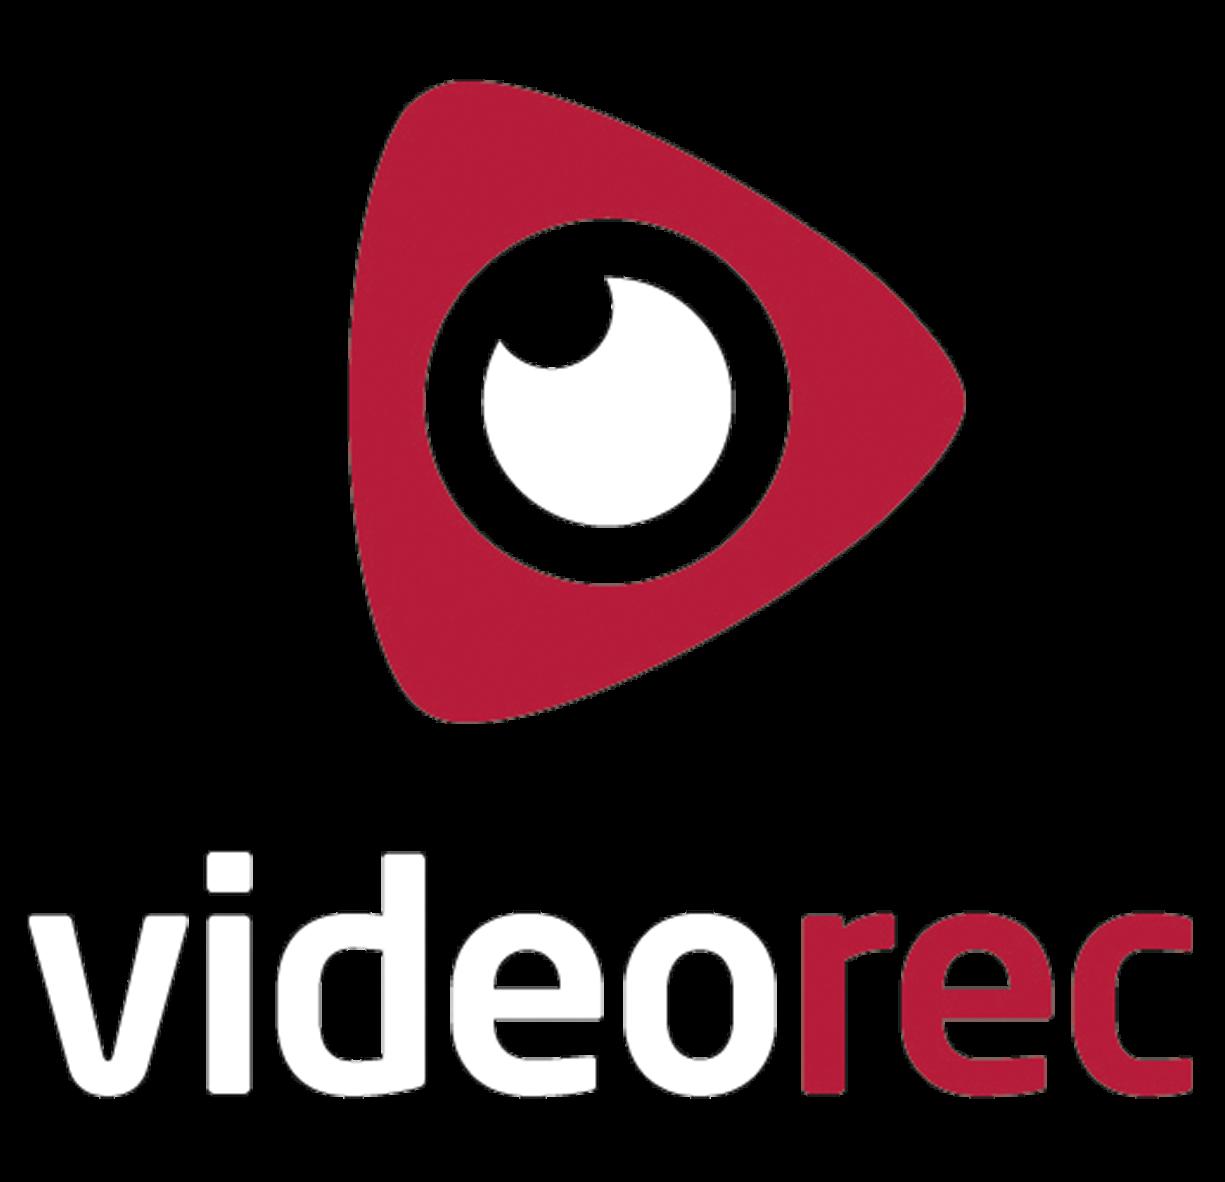 Videorec